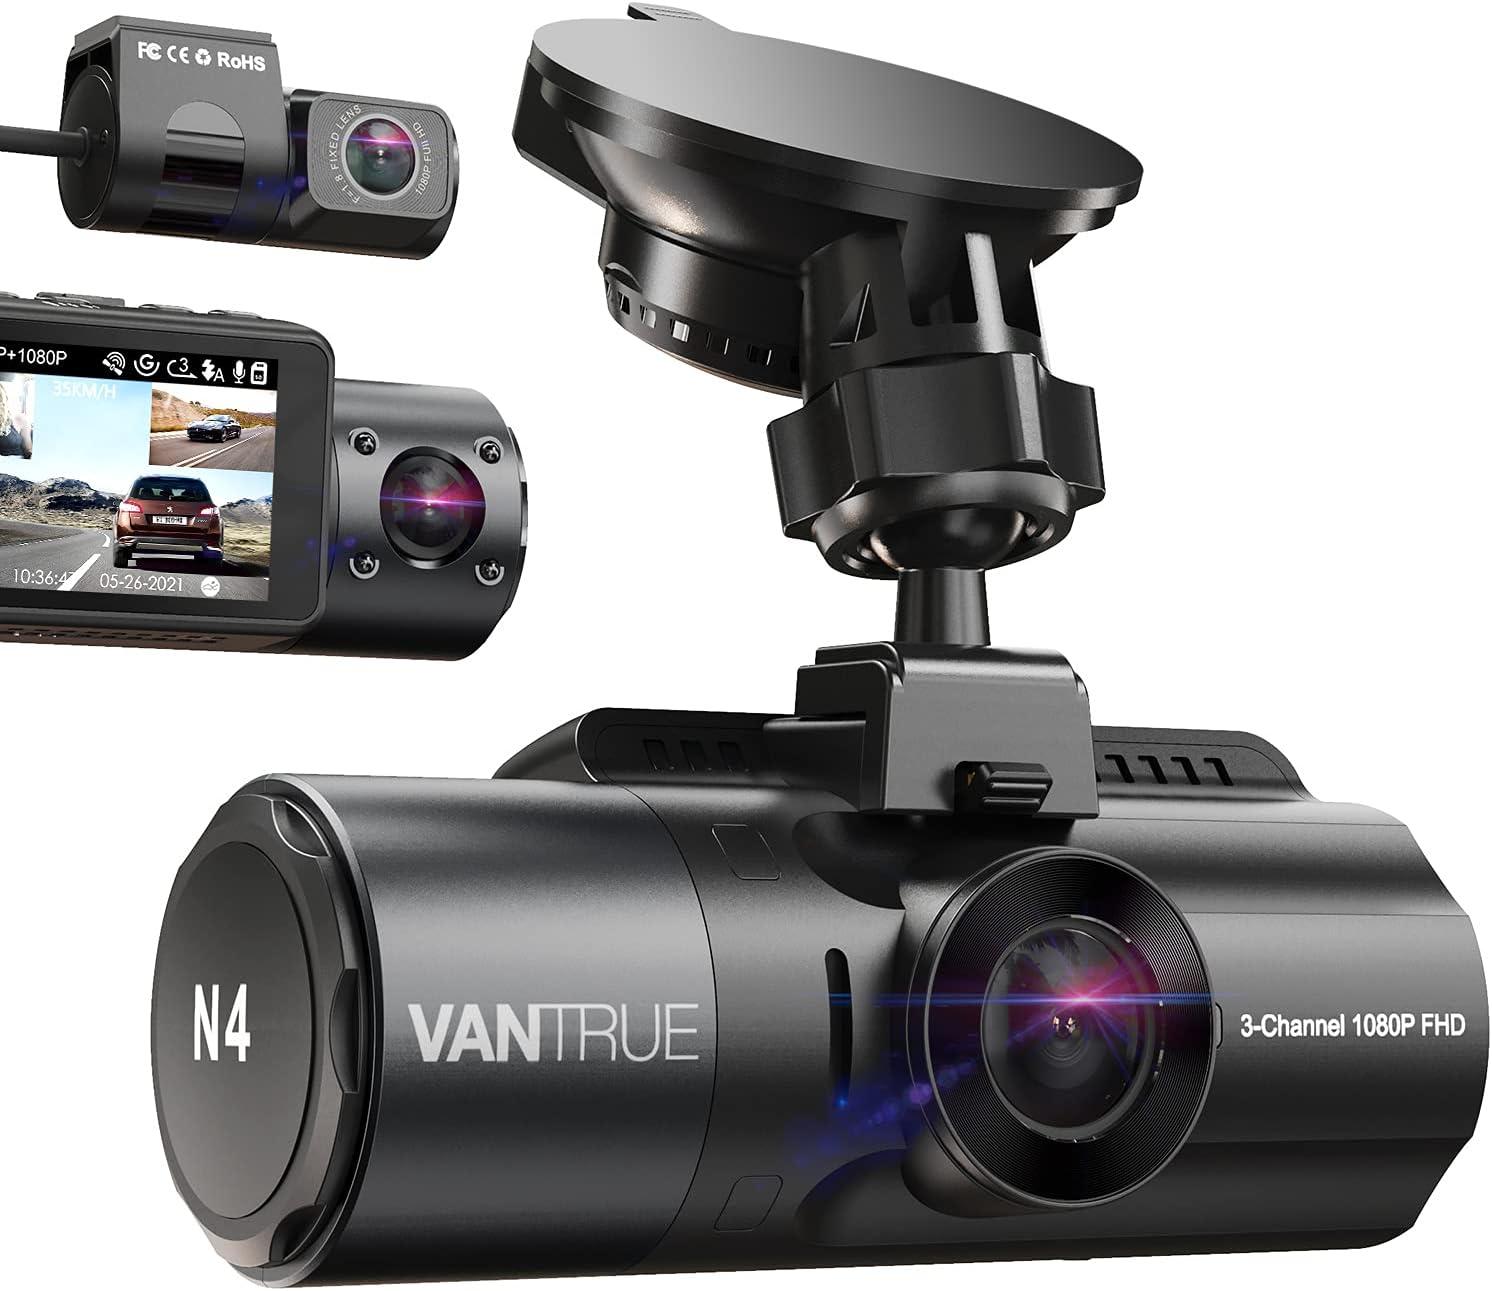 Vantrue 3 Channel 4K Dash Cam